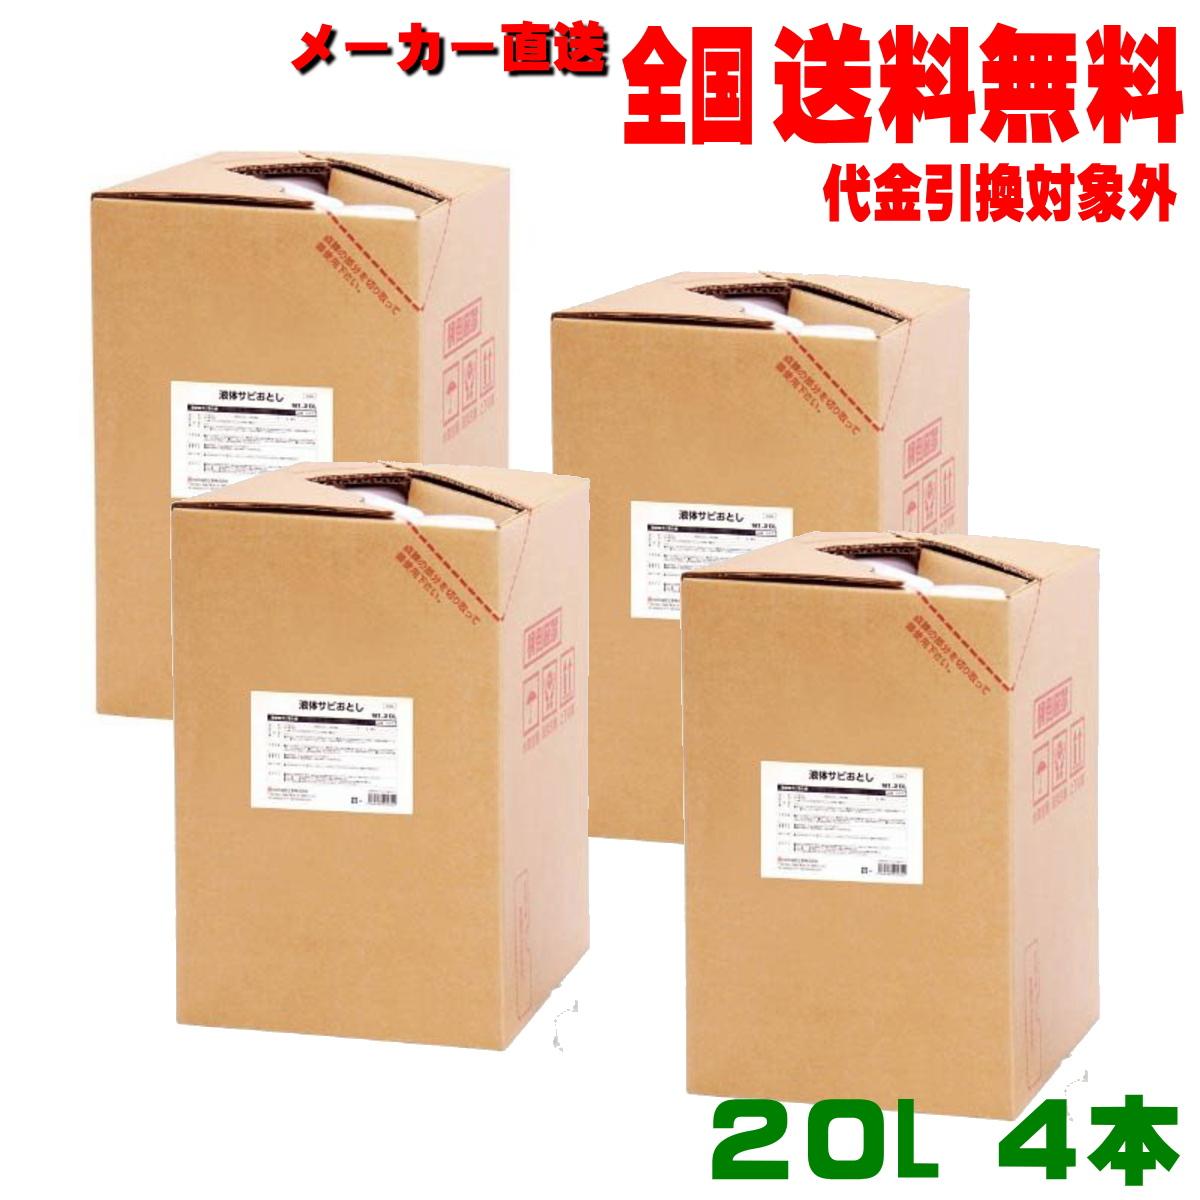 業務用錆取り剤 液体サビ落とし 20L 4本セット 特価 鈴木油脂 S-013-4 全国送料無料